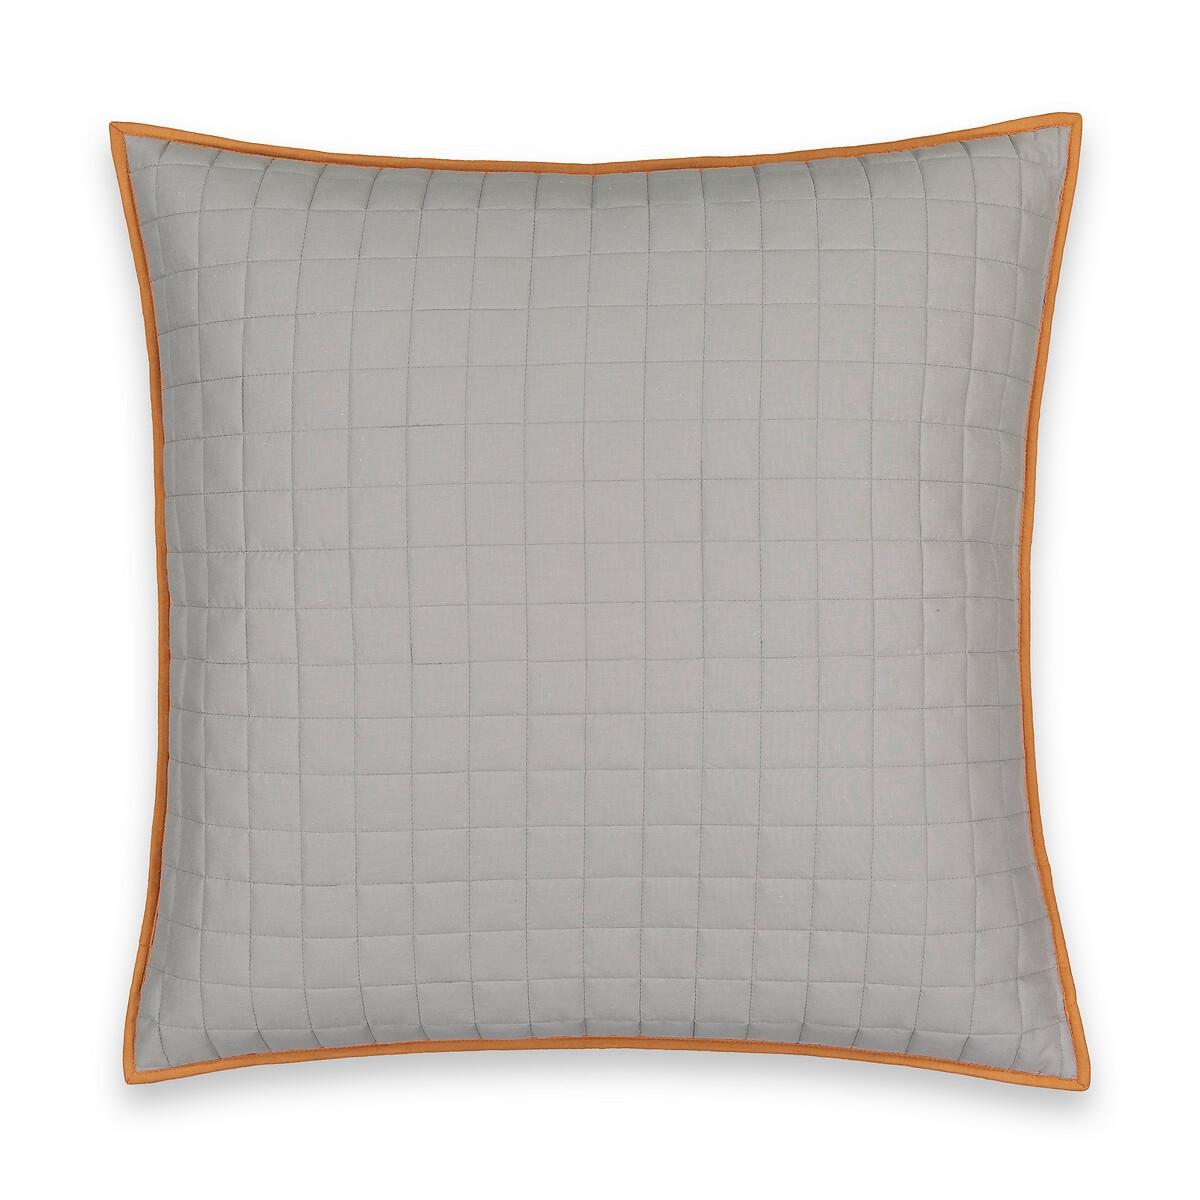 Чехол LaRedoute На подушку стеганый двухсторонний из 90 хлопка и 10 вискозы Square 65 x 65 см серый